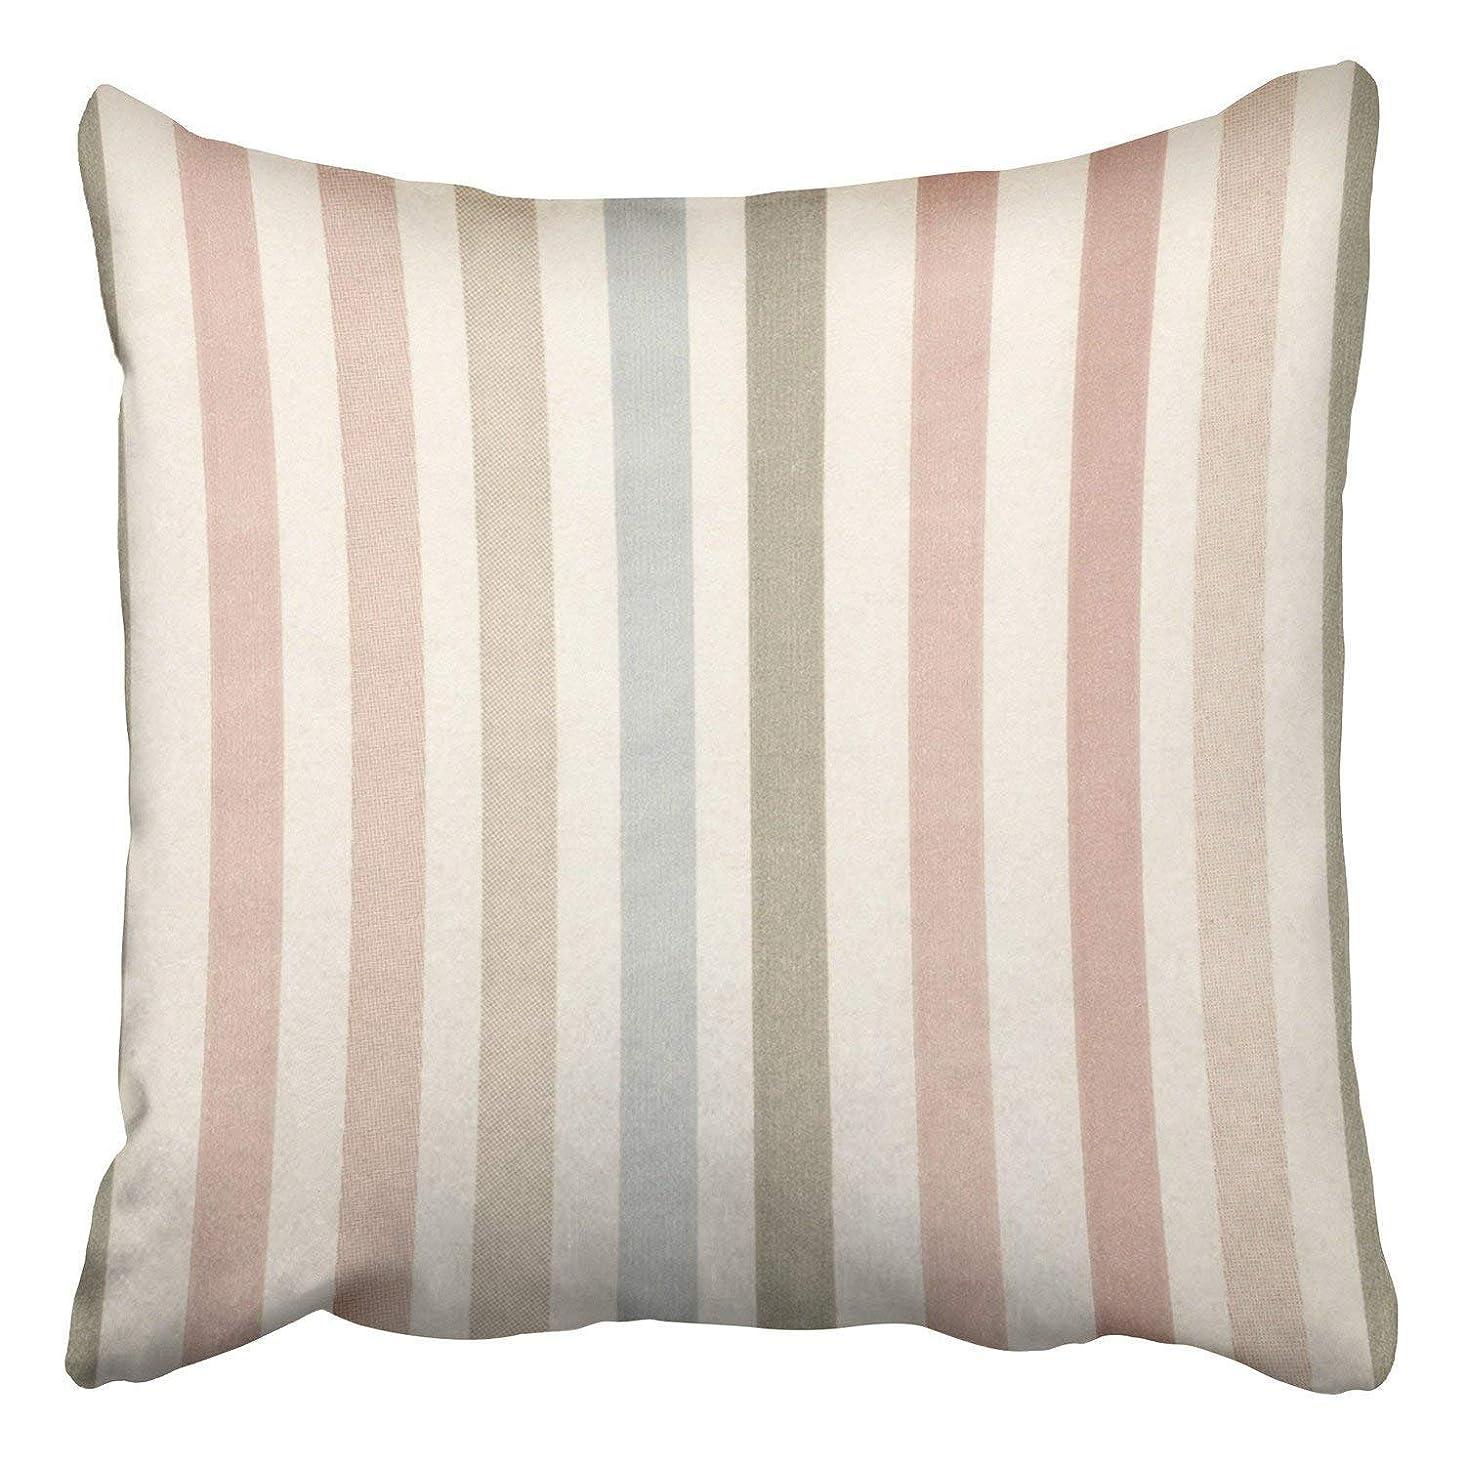 除去一目呼吸柔らかい色の縦縞の色合いピンクグレーブルーの装飾枕カバーポリエステル45x45 cmスクエア隠しジッパーホームクッション装飾枕